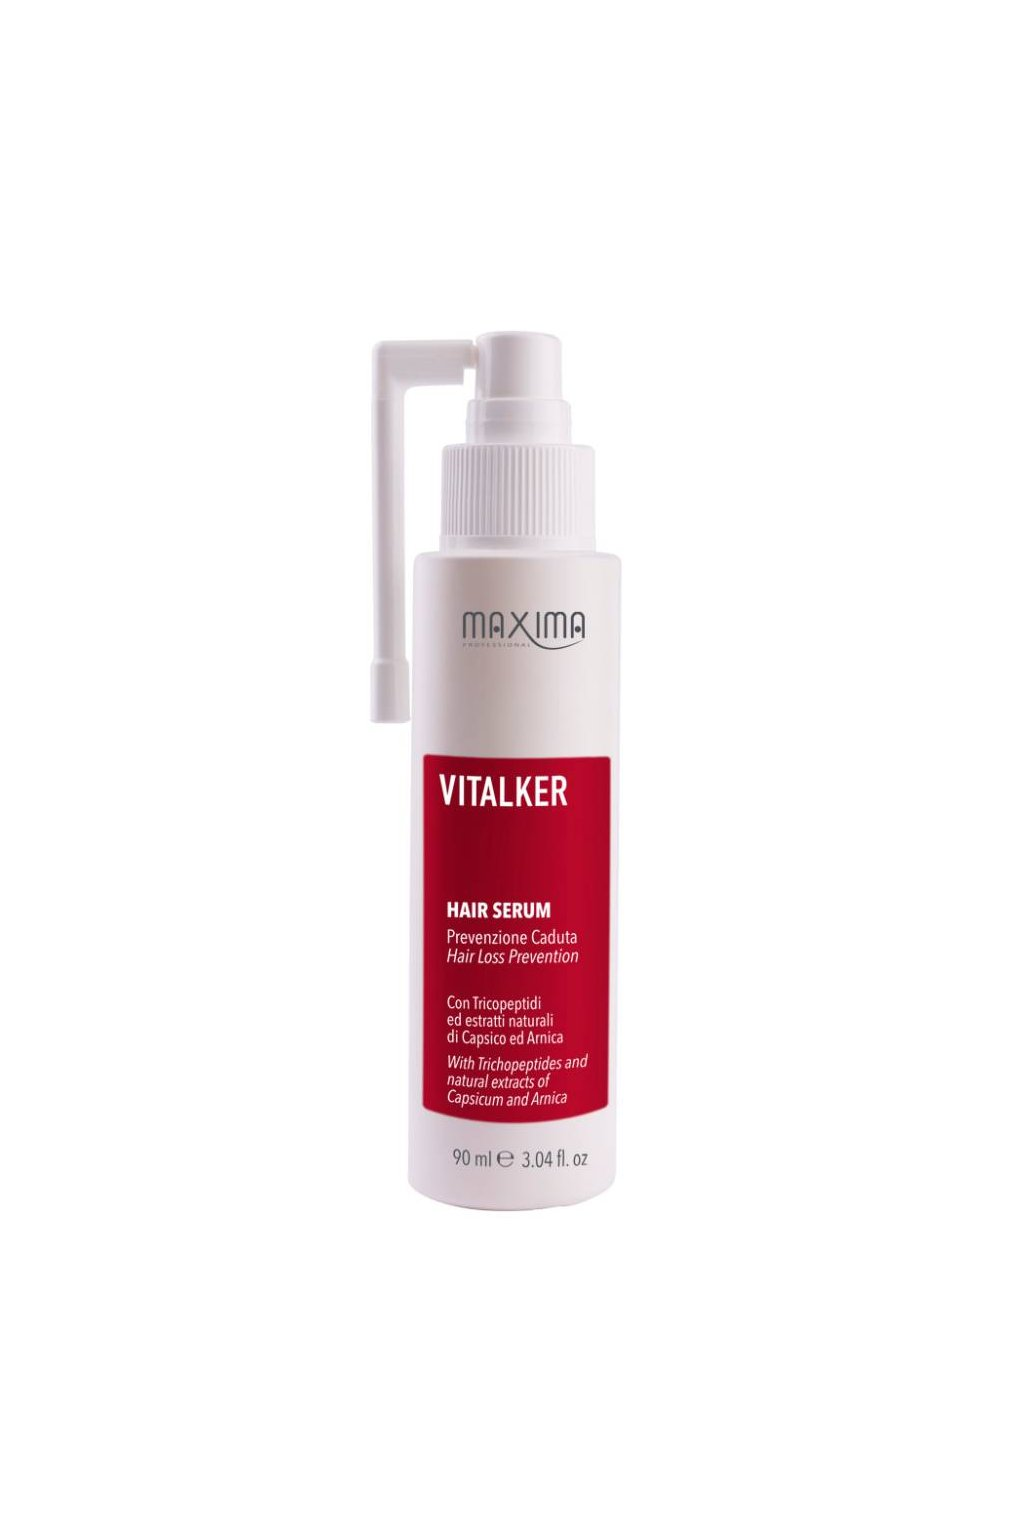 Maxima VITALKER Tonikum padání vlasů, výtažky z papriky a prhy 90ml